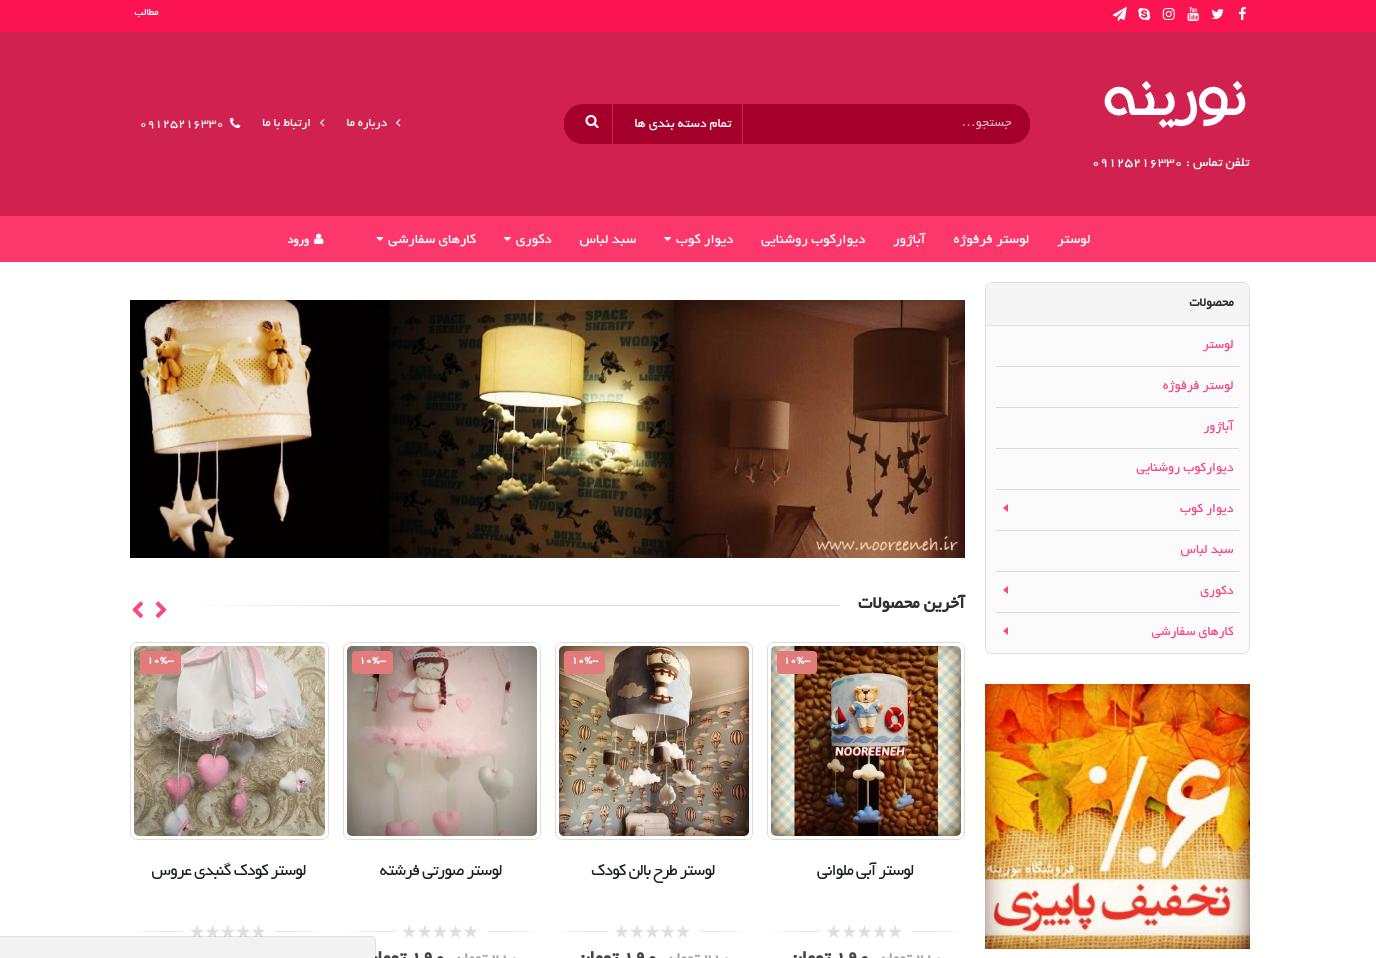 فروشگاه اینترنتی نورینه